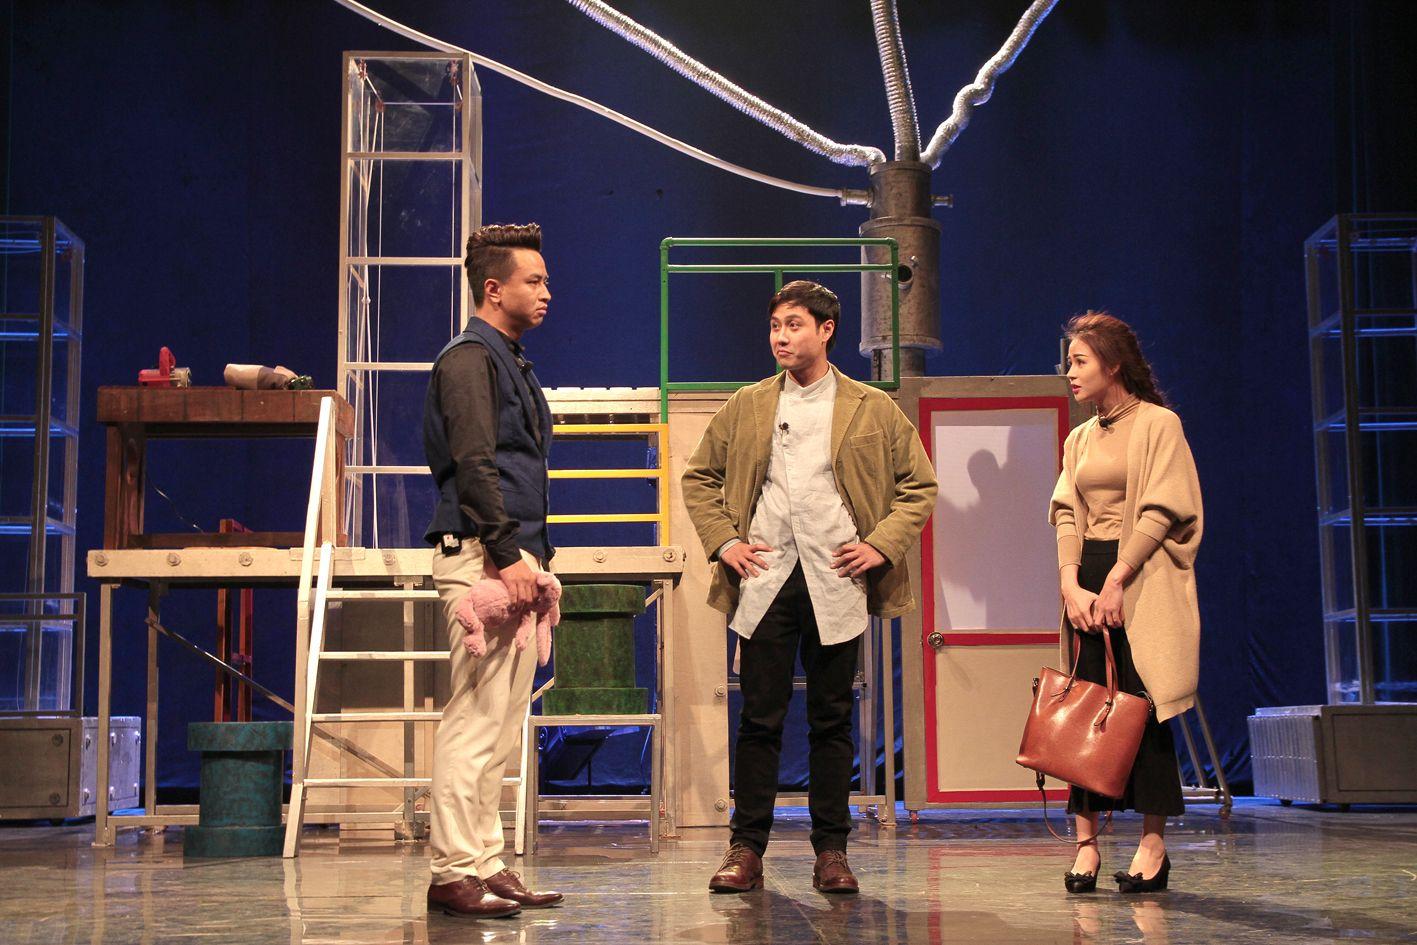 100 năm sân khấu kịch nói Việt Nam (kỳ 5): Các nhà hát đã tự cứu mình như thế nào? - Ảnh 3.